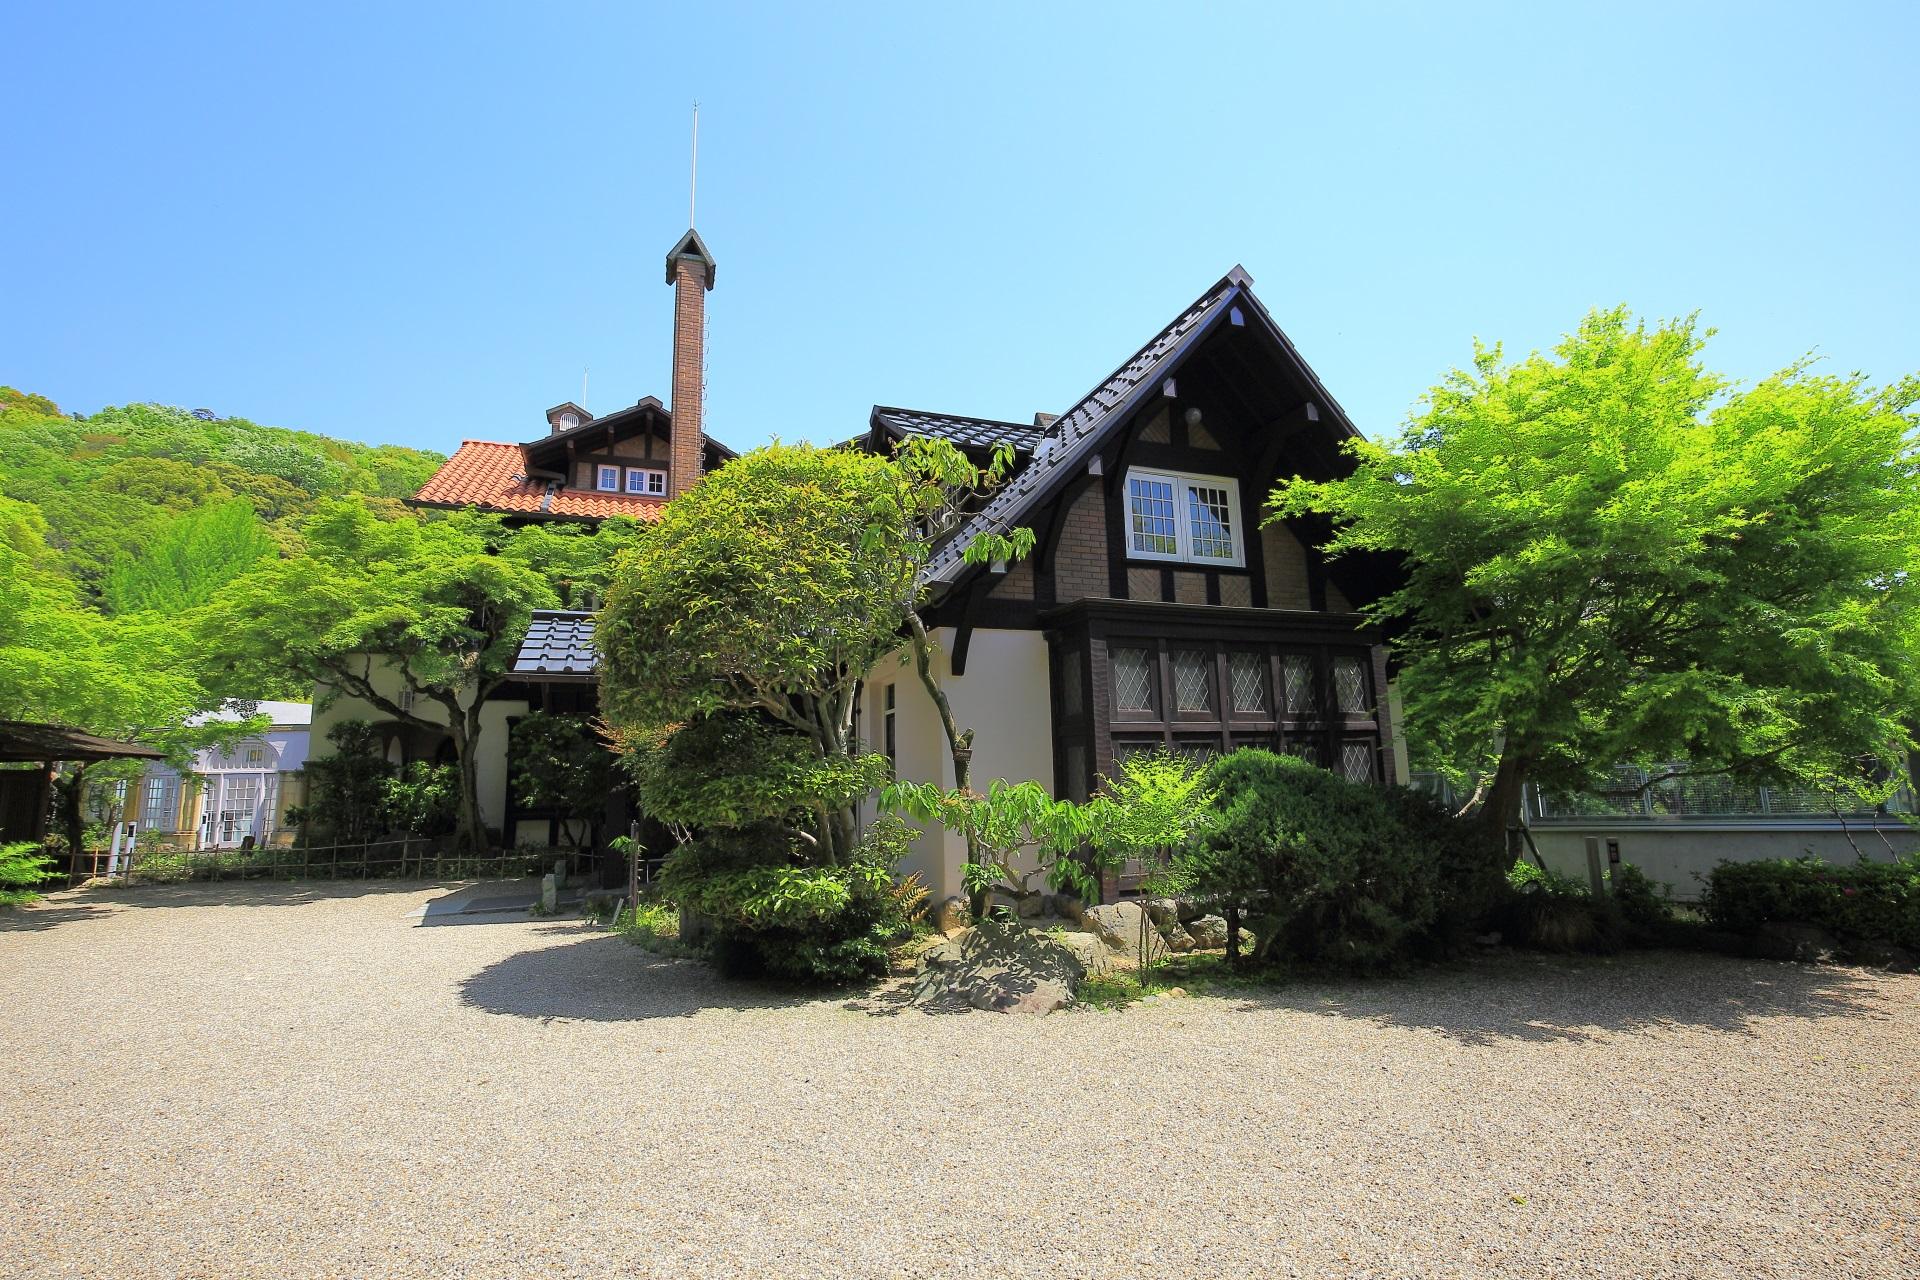 大山崎山荘美術館 新緑 レトロな建物と美しい庭園